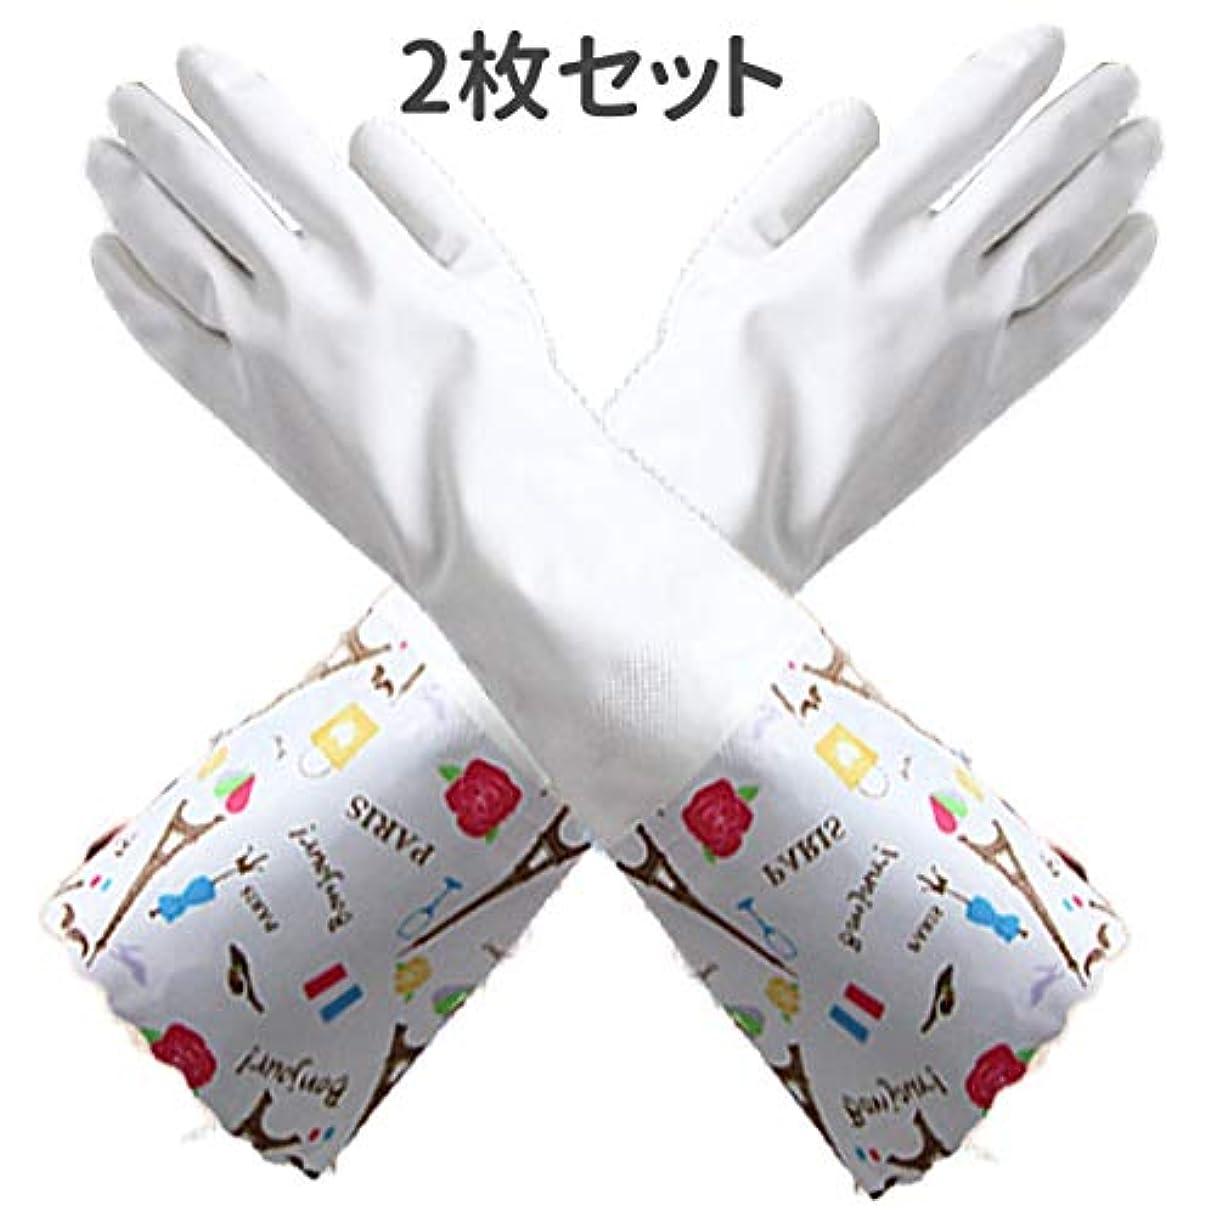 ピック代表する気取らないゴム手袋 左右2枚セット 洗い物 お風呂 車 掃除 介護 ペット のお世話 排水溝 や 作業 用 可愛い手袋 【LSU】 (ホワイト)